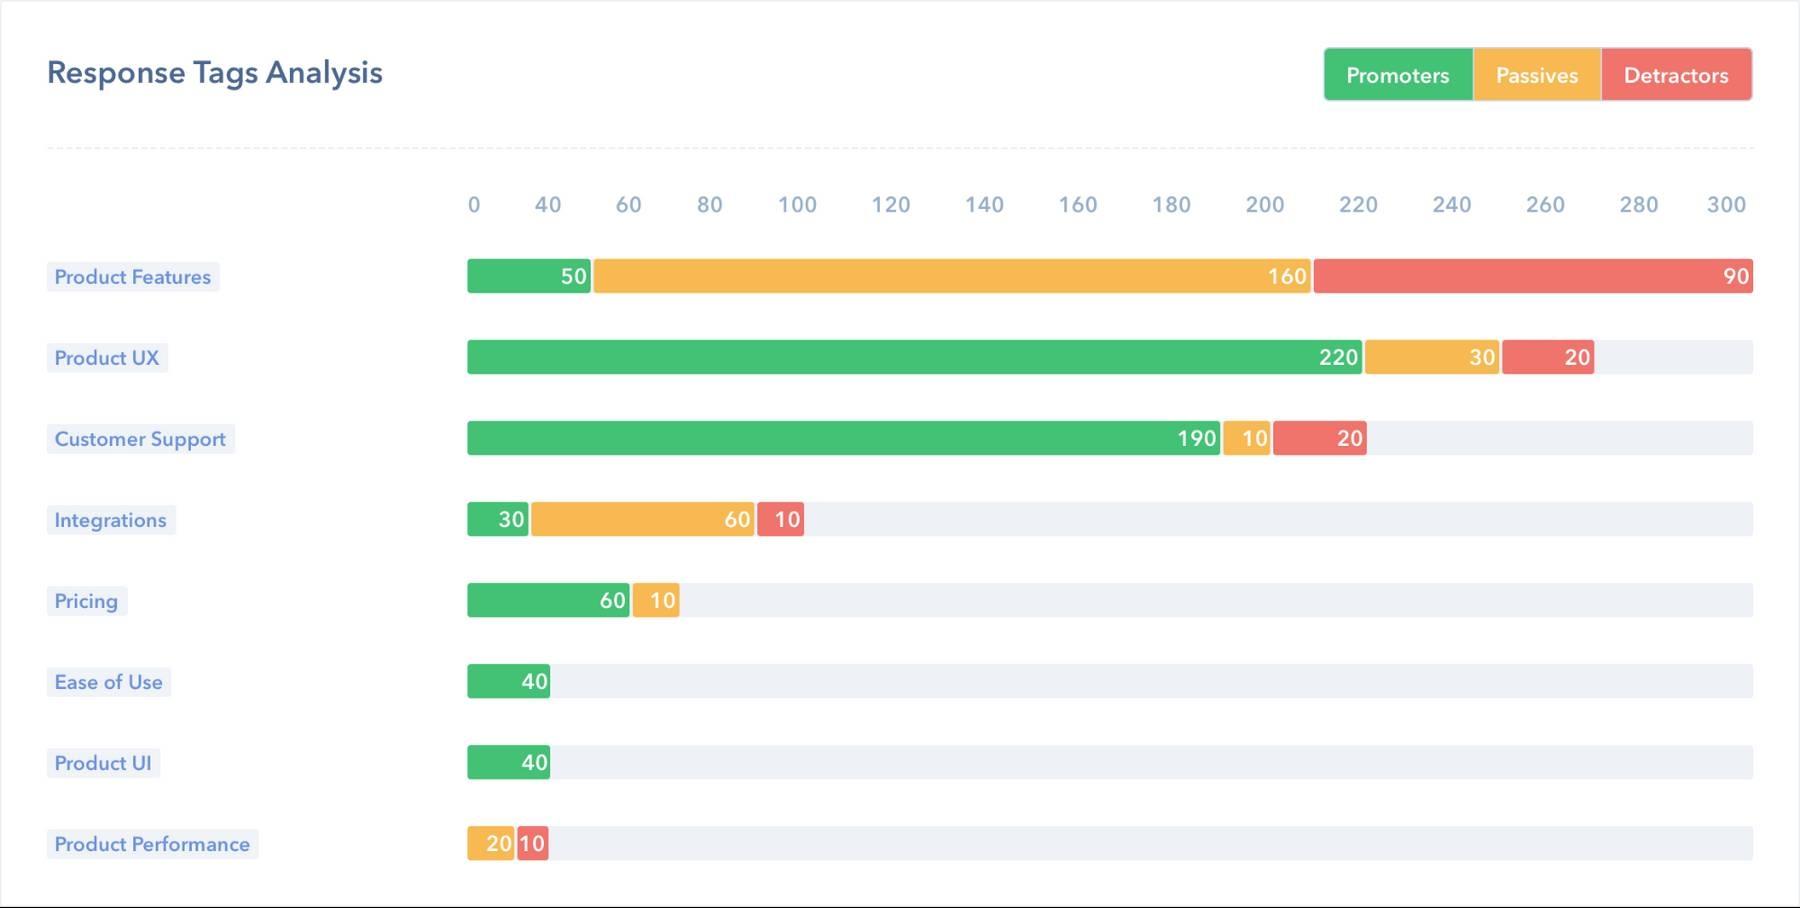 Response Tags Analysis